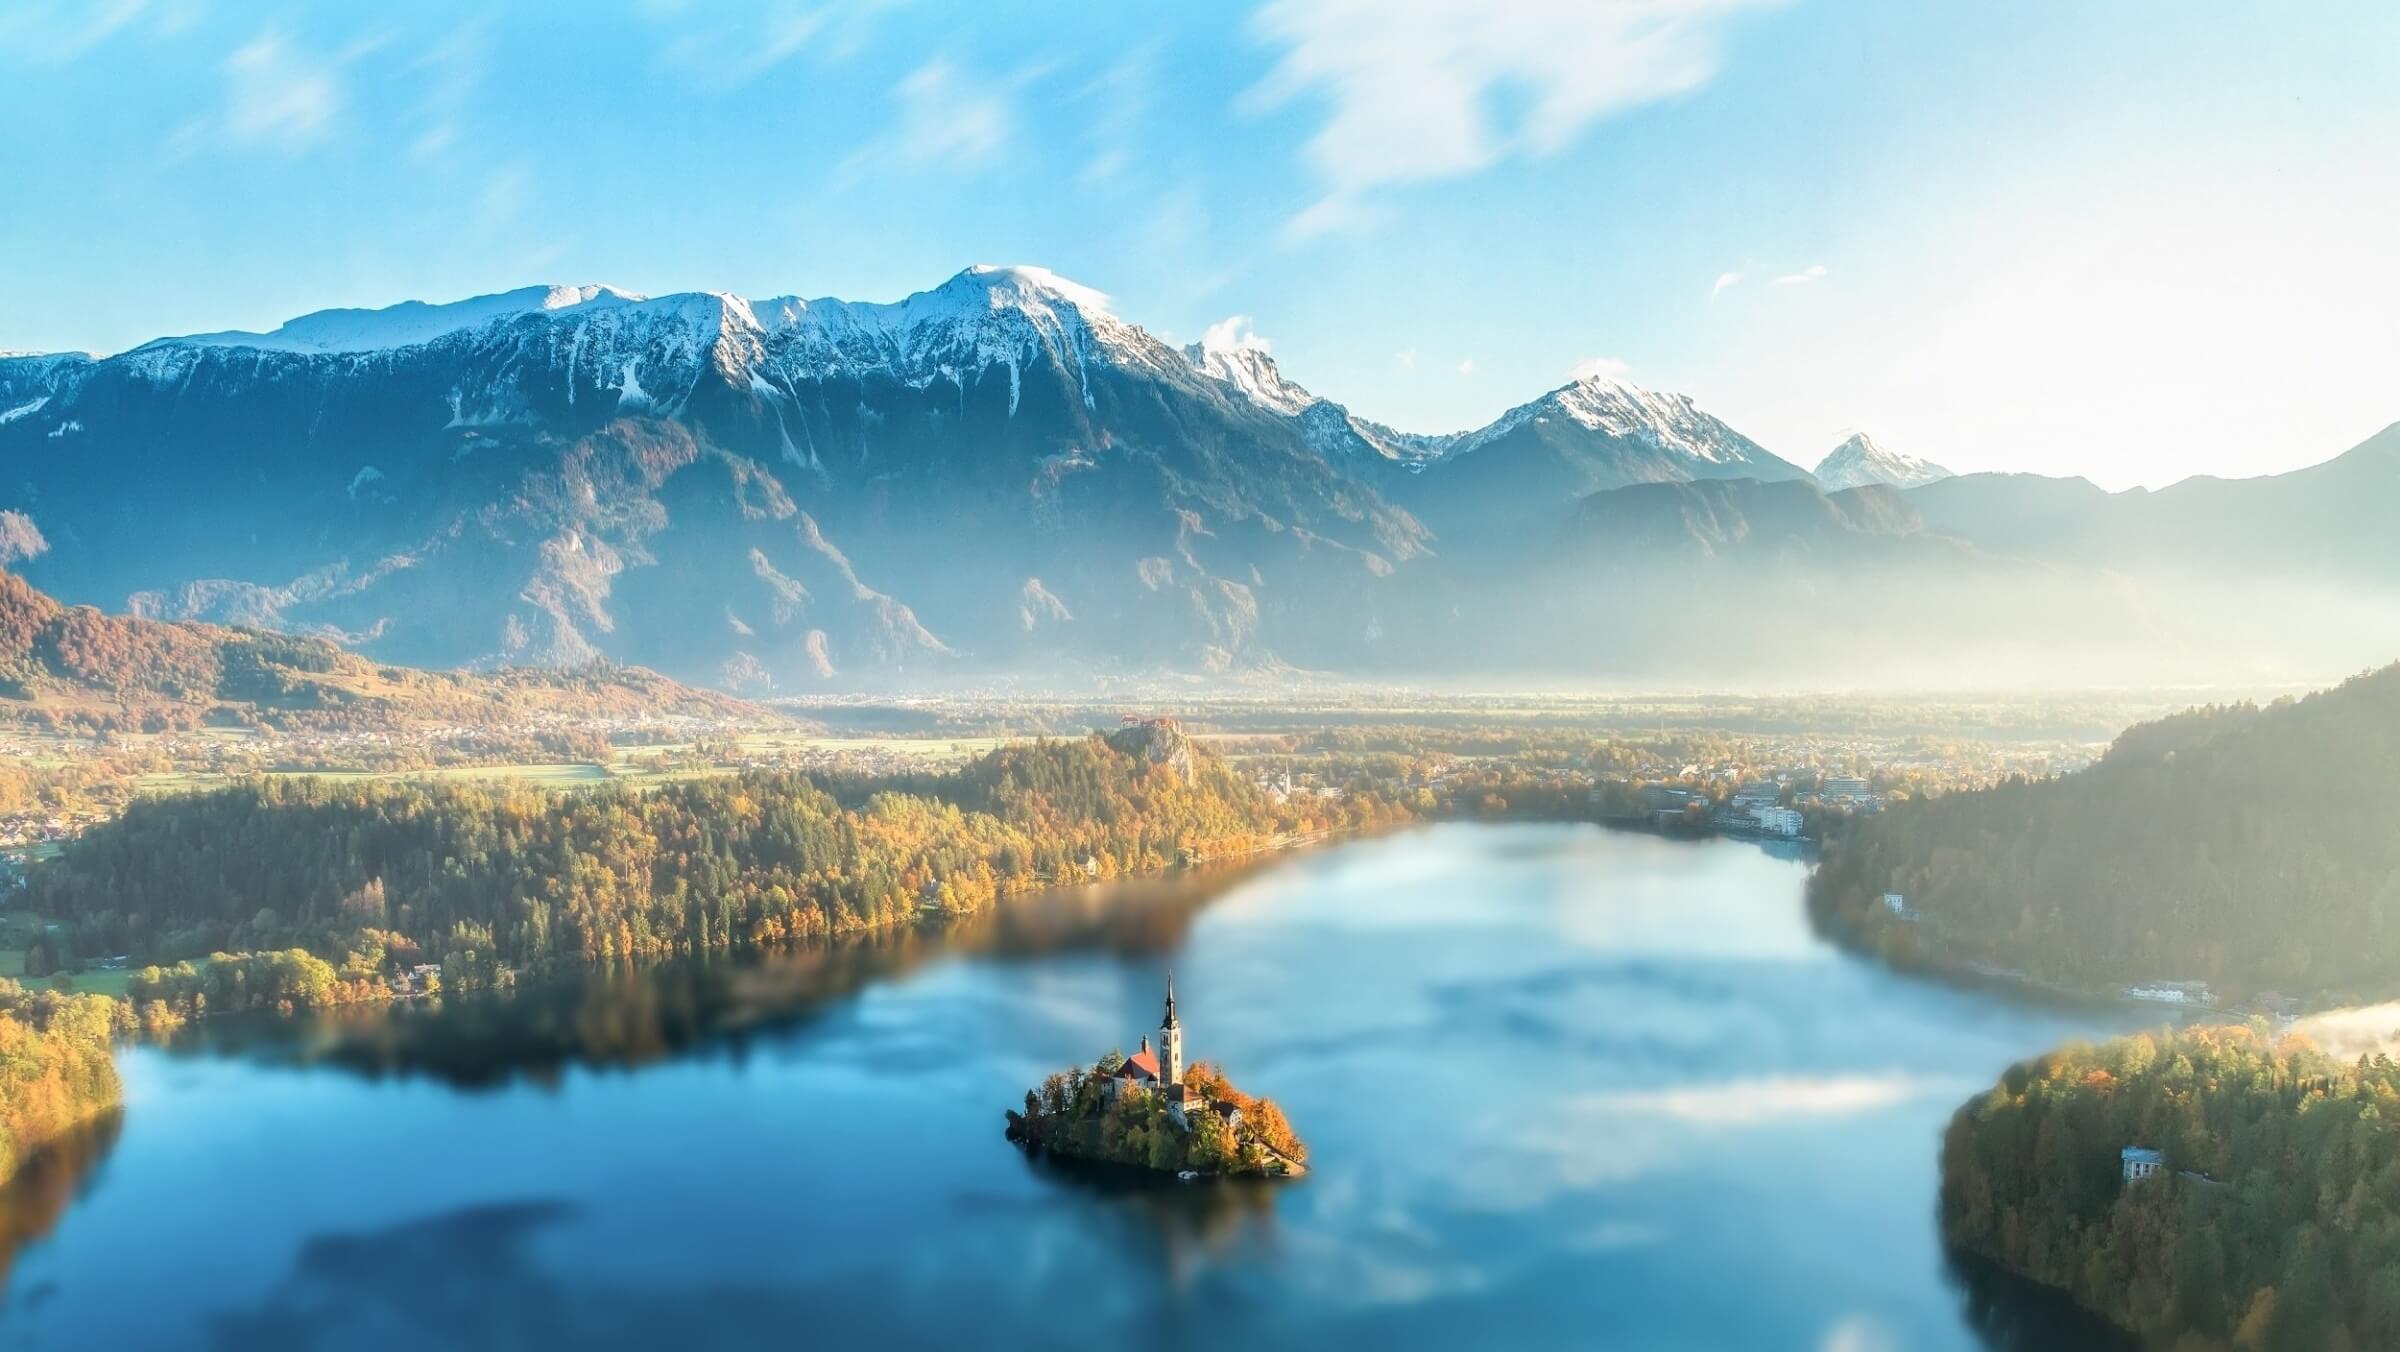 Auf die Liste der Orte, die Du in Slowenien gesehen haben musst, gehört unbedingt der Bleder See. Der See liegt malerisch eingebettet zwischen den Anhöhen eines Hochplateaus und weiß beim ersten Anblick ebenso zu verzaubern wie bei jedem weiteren. Im Umfeld findest Du tolle Gelegenheiten für Wanderungen und Naturerkundungen. Überhaupt spielt Natur während Deines preiswerten Urlaubs in Slowenien eine große Rolle. Tatsächlich hat das Land eine unglaublich große Vielfalt an Tier- und Pflanzenarten und mehr als 35% der Staatsfläche sind unter Schutz gestellt. In Slowenien billig Urlaub machen bedeutet daher auf jeden Fall, in ein Land zu kommen, in dem Naturschutz großgeschrieben wird und das daher hervorragende Bedingungen für Reisen aufweist, auf denen Du Entspannung in der Natur genießen willst. Aber wenn Du auch Stadtleben haben möchtest, bekommst Du in Slowenien ebenfalls Deine Dosis: Ljubljana und Maribor sind nicht nur die beiden größten, sondern auch die sehenswertesten Städte des Landes.